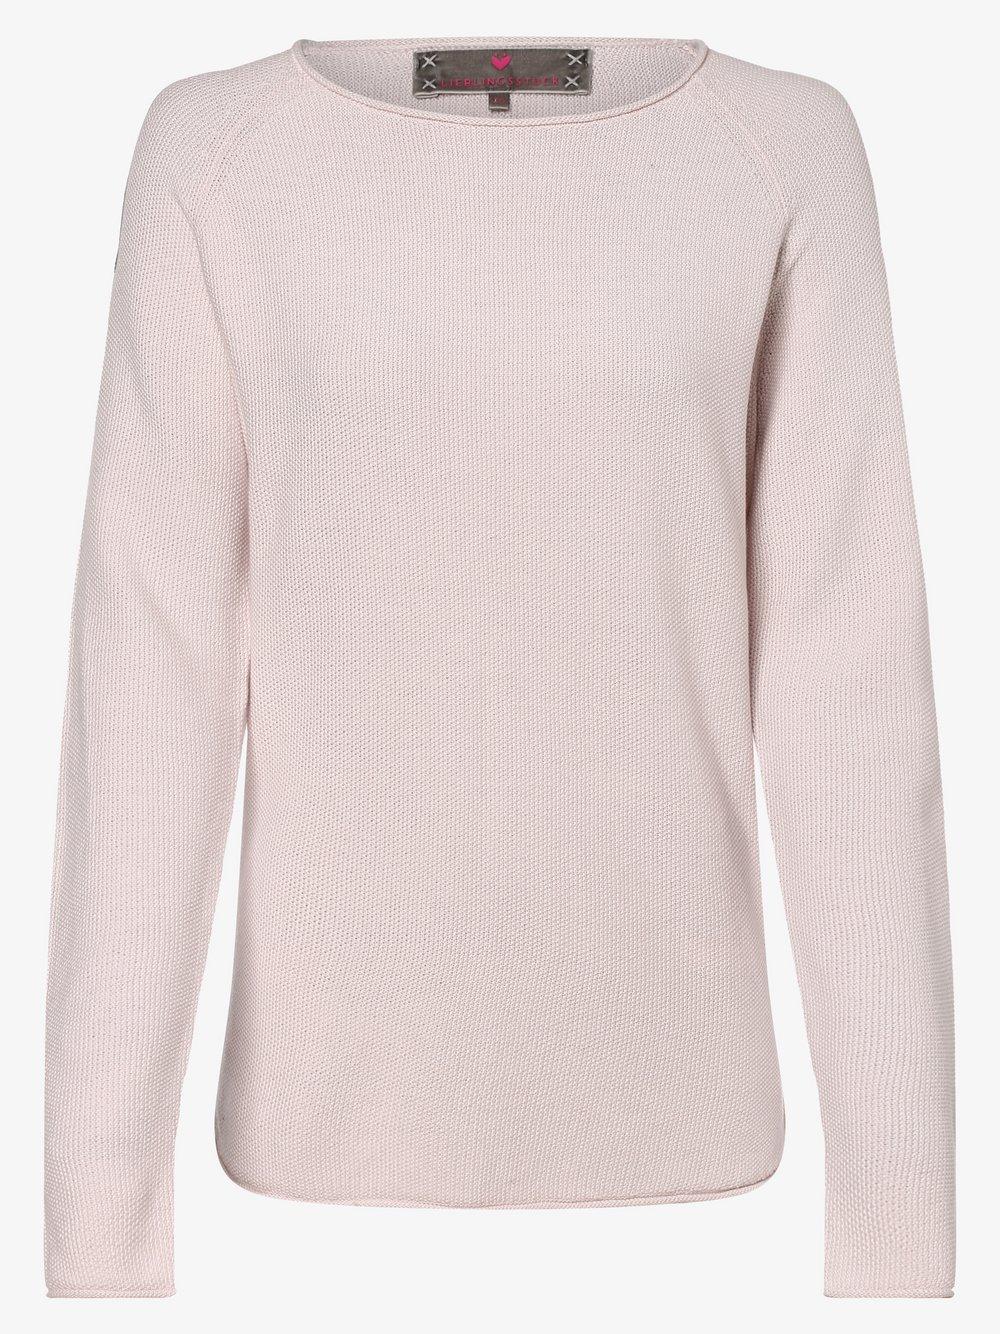 Lieblingsstück - Sweter damski – TalulaL, różowy